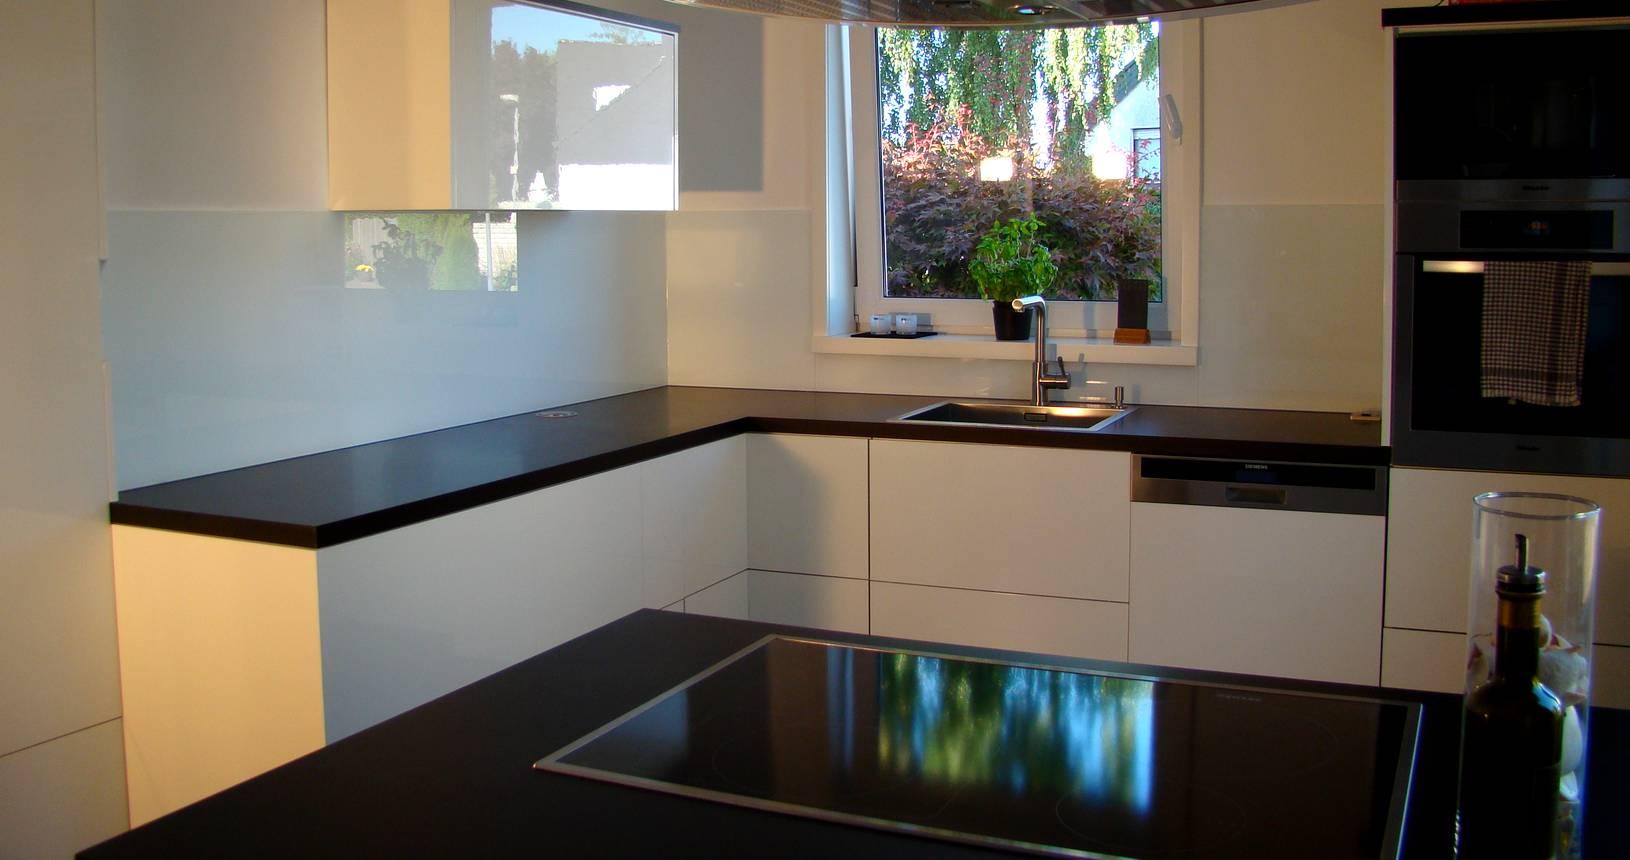 Küchenrückwand - Glaserei Malte Pasche